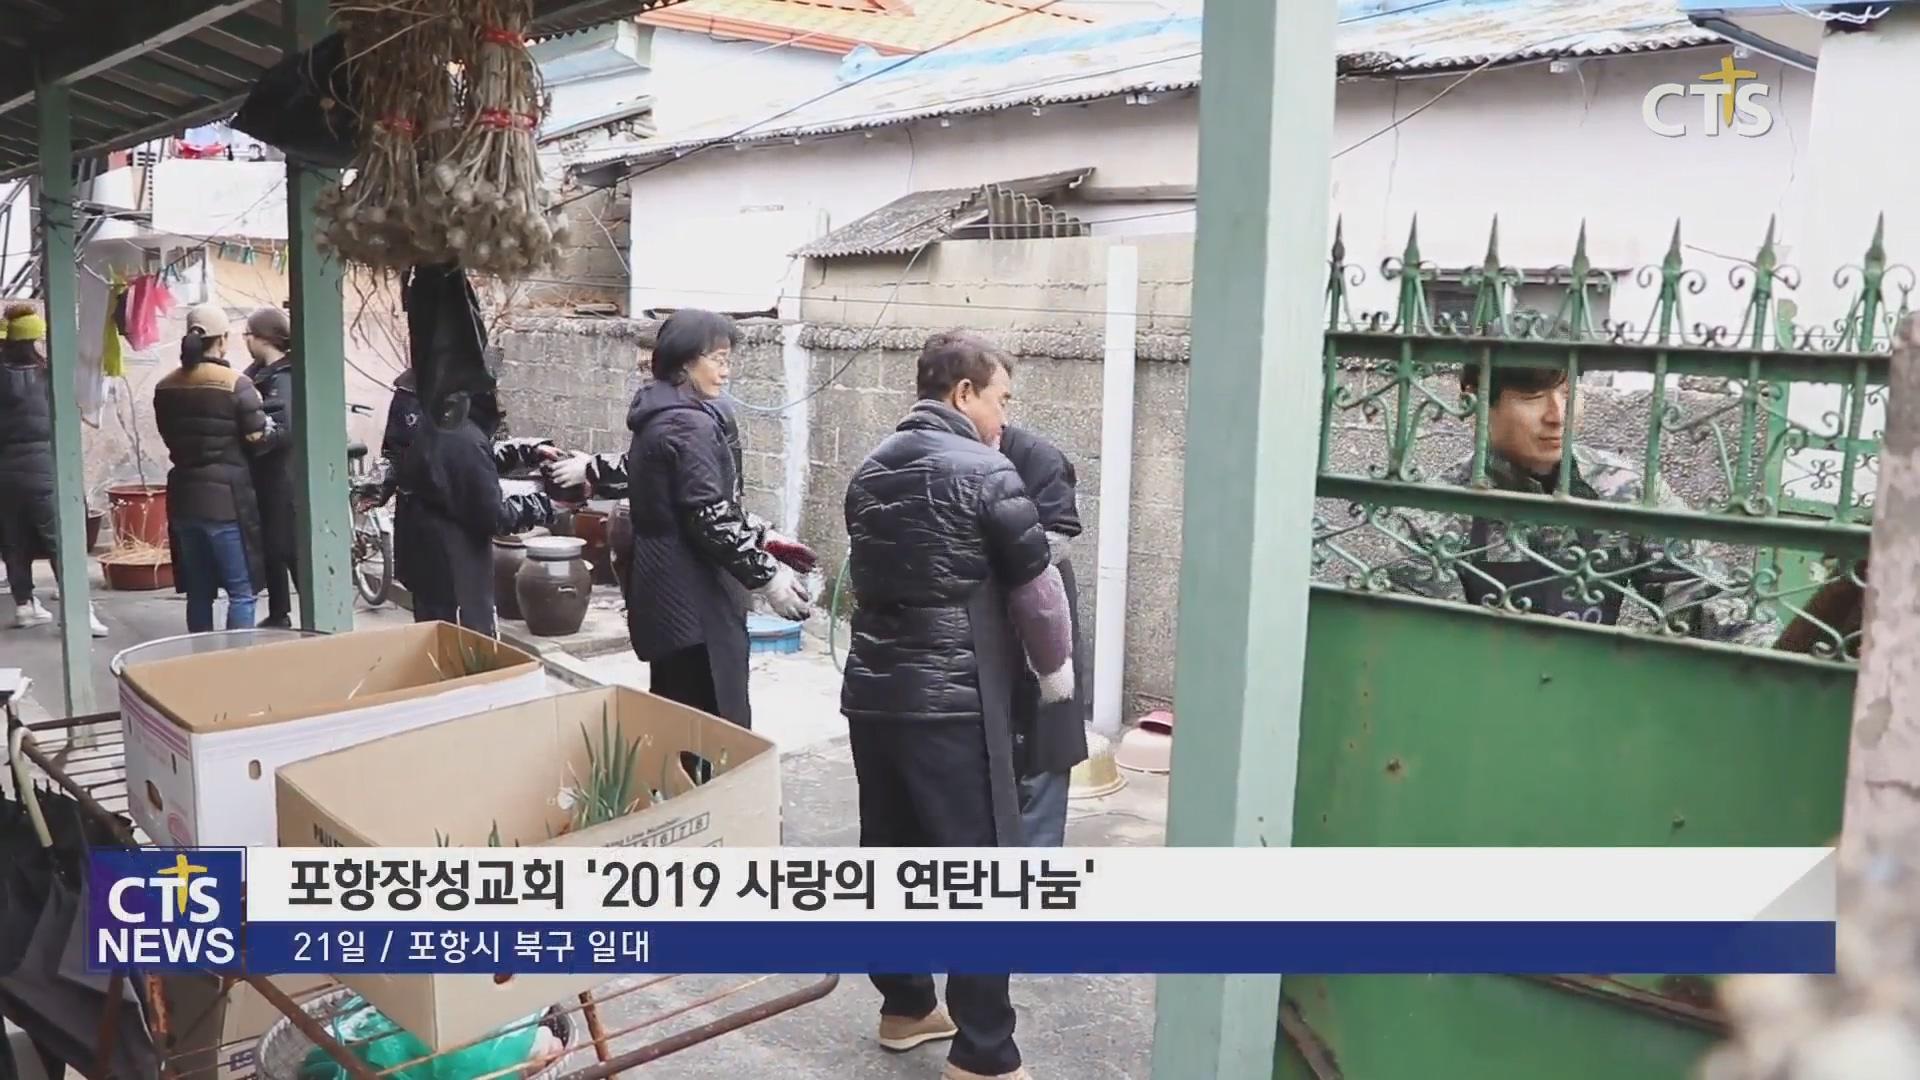 포항장성교회 '2019 사랑의 연탄 나눔'